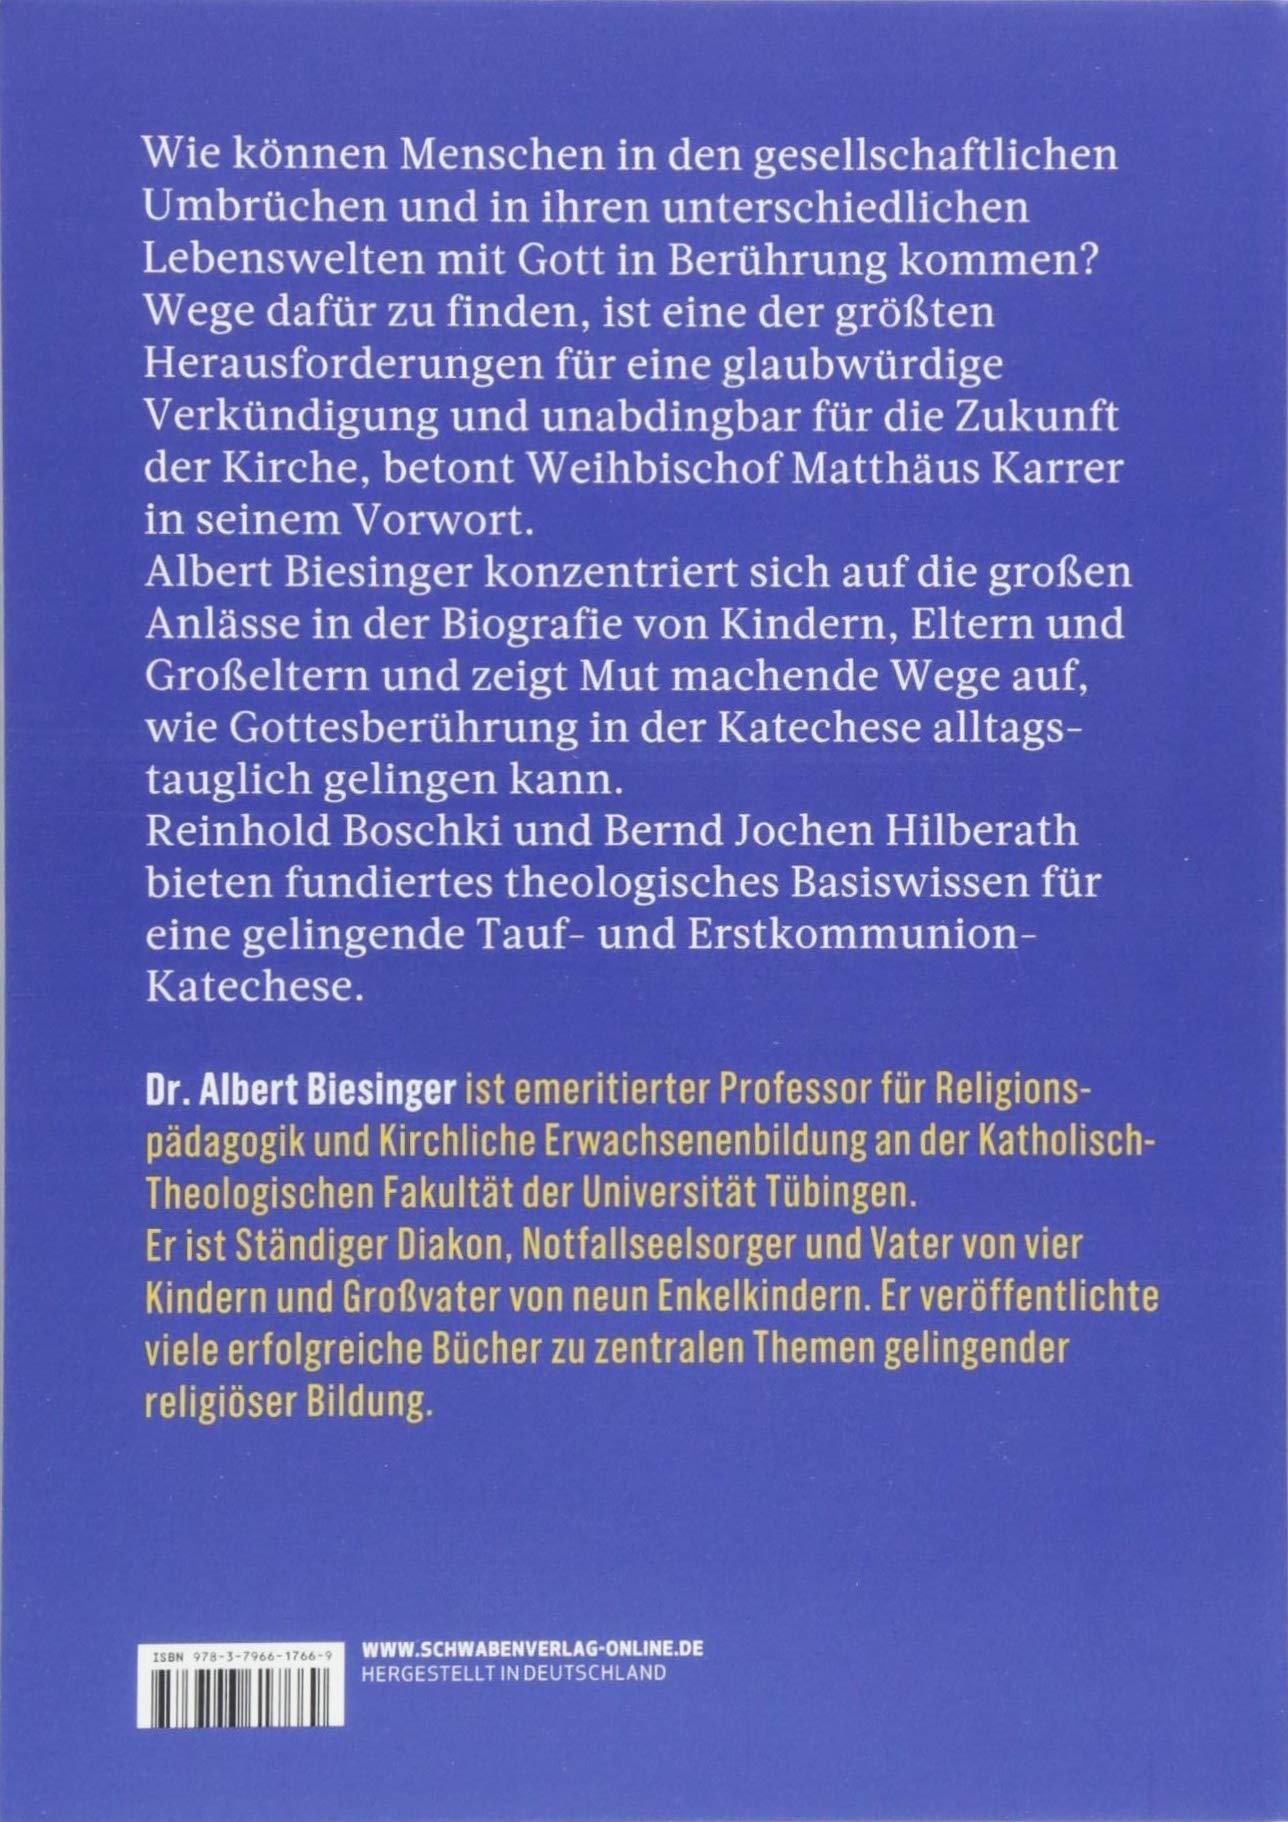 Gottesberührung - Wie Katechese Zukunft hat: Erfahrungen - Modelle -  Ermutigungen: Amazon.de: Albert Biesinger: Bücher